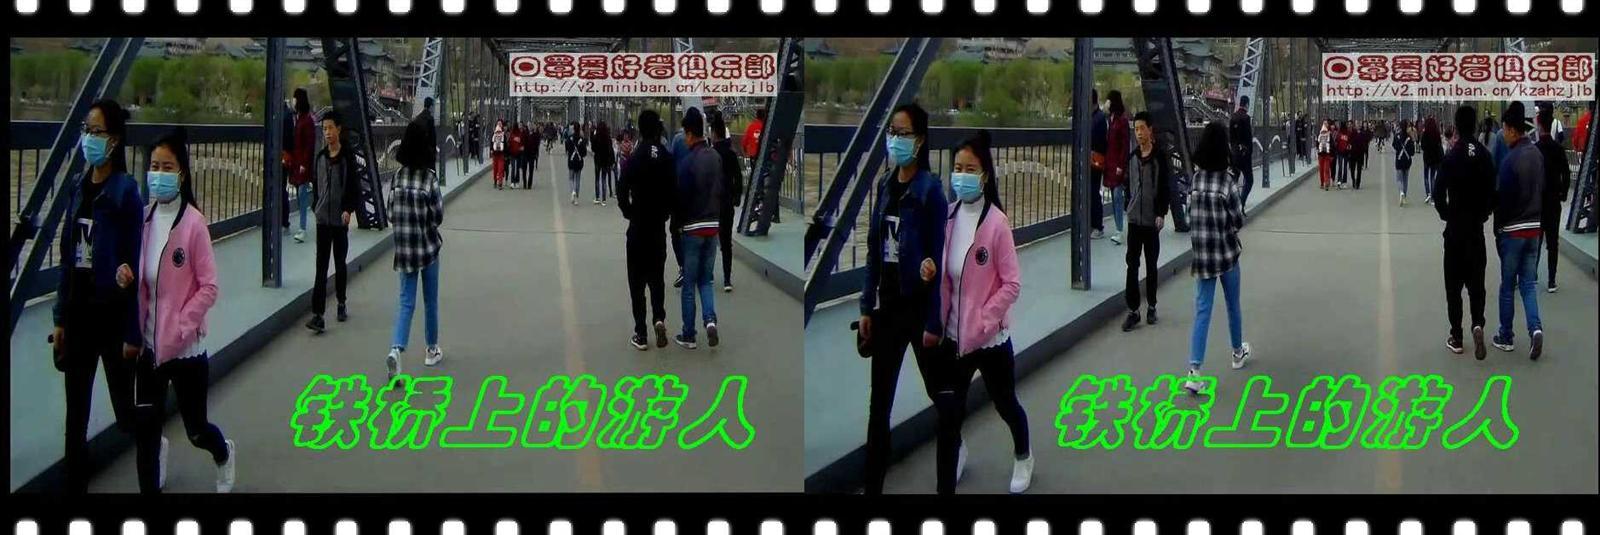 【原创】铁桥上的游人 -截图4